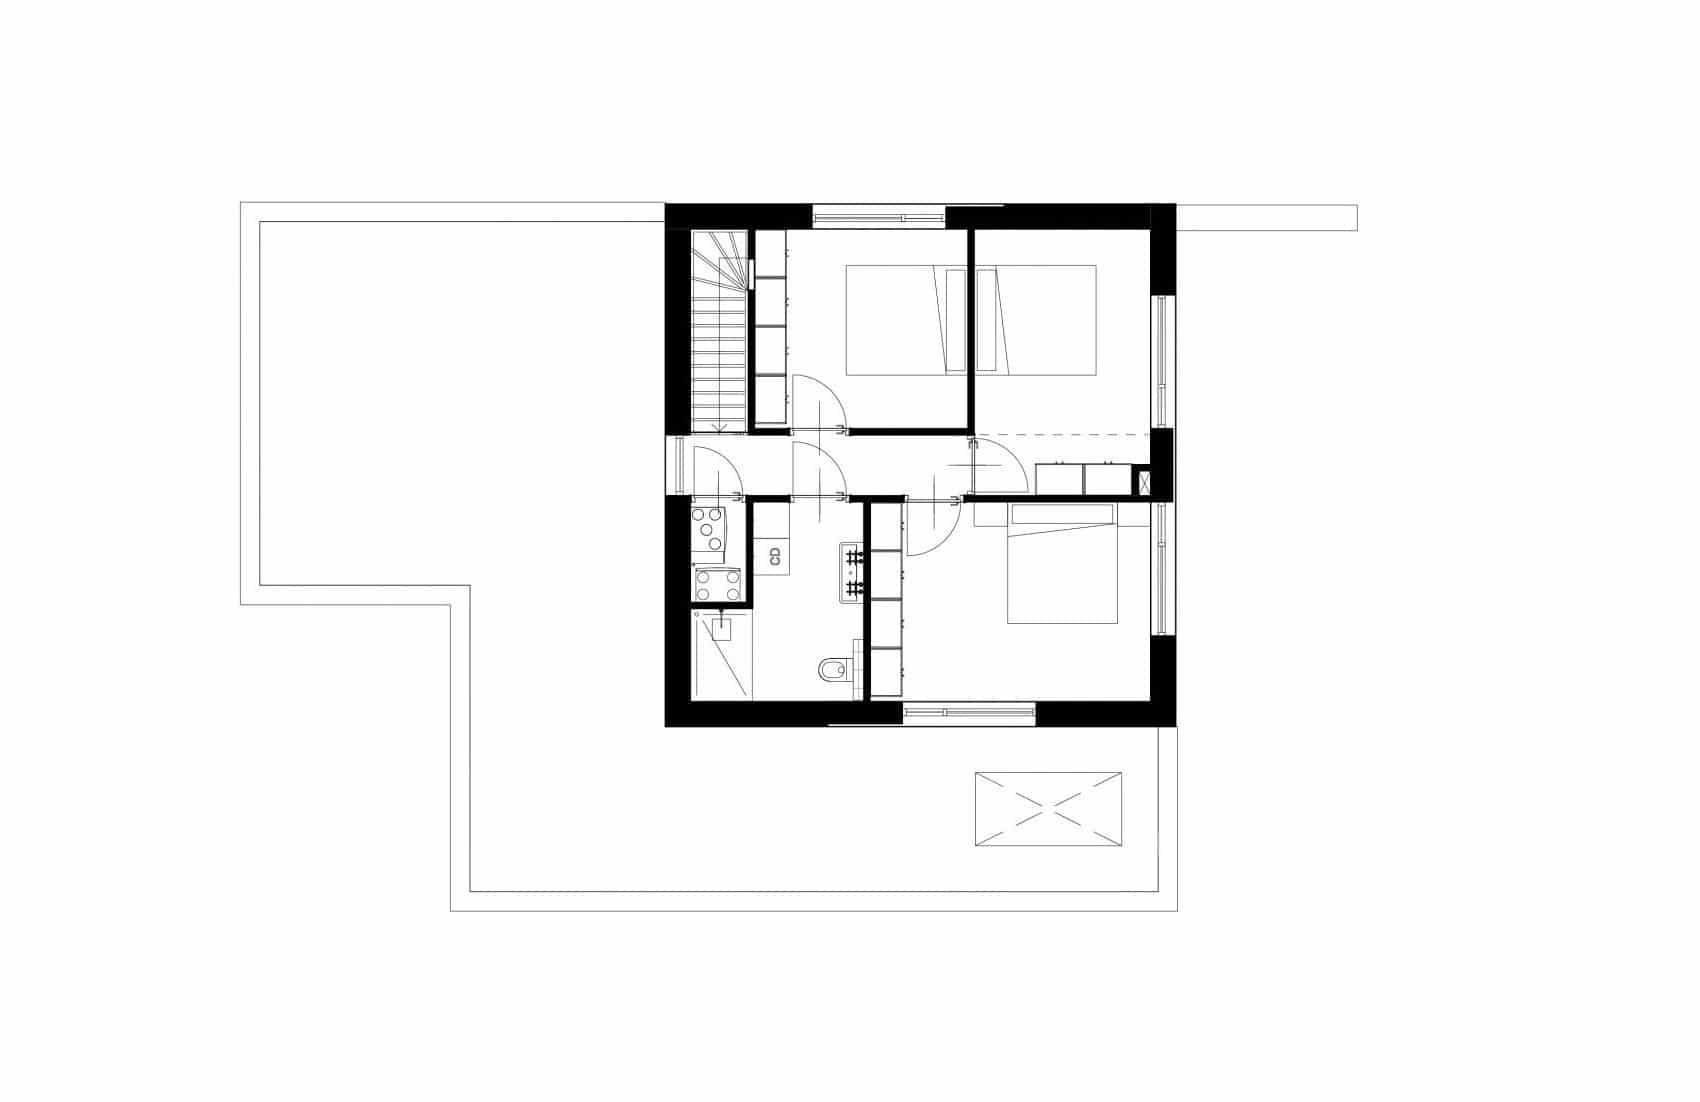 Moderne kubuswoning plattegrond eerste verdieping